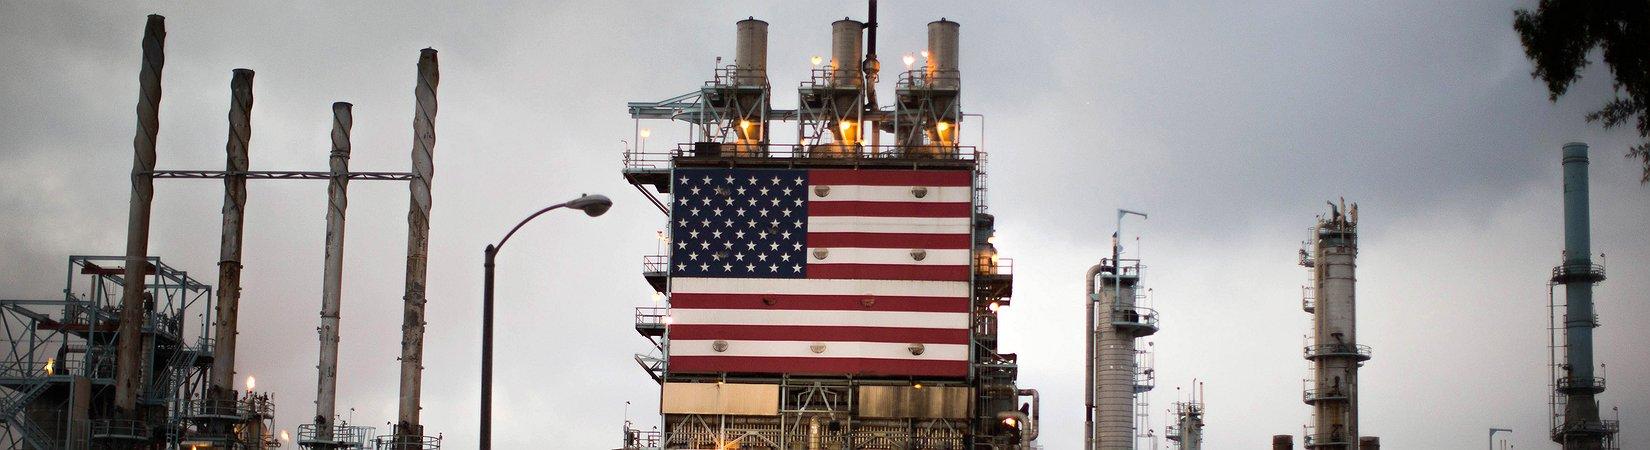 Трамп заявил о начале «золотой эры» американской энергетики